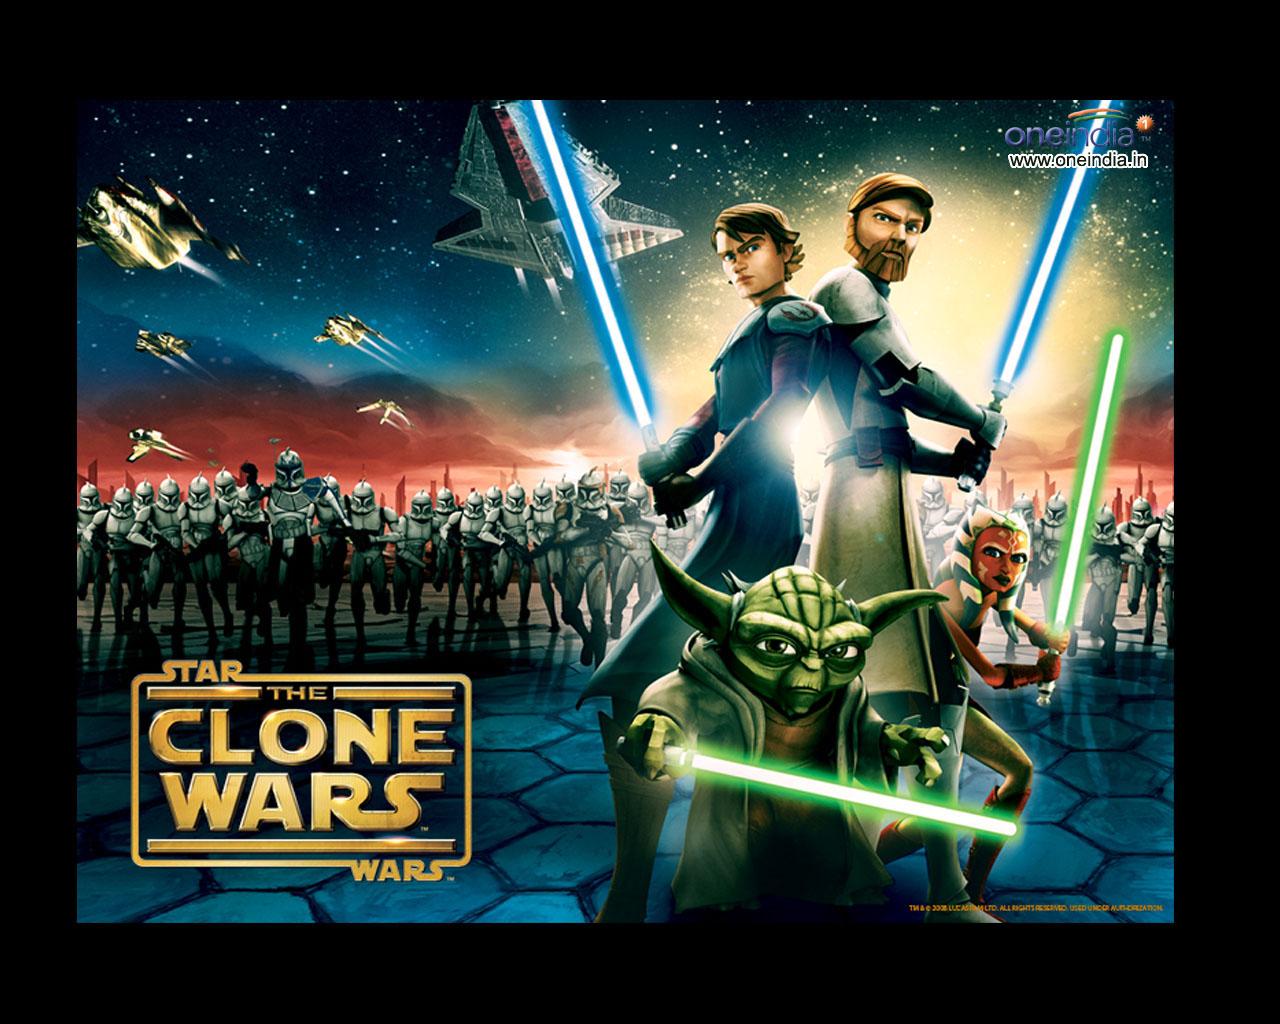 Star wars clone wars6